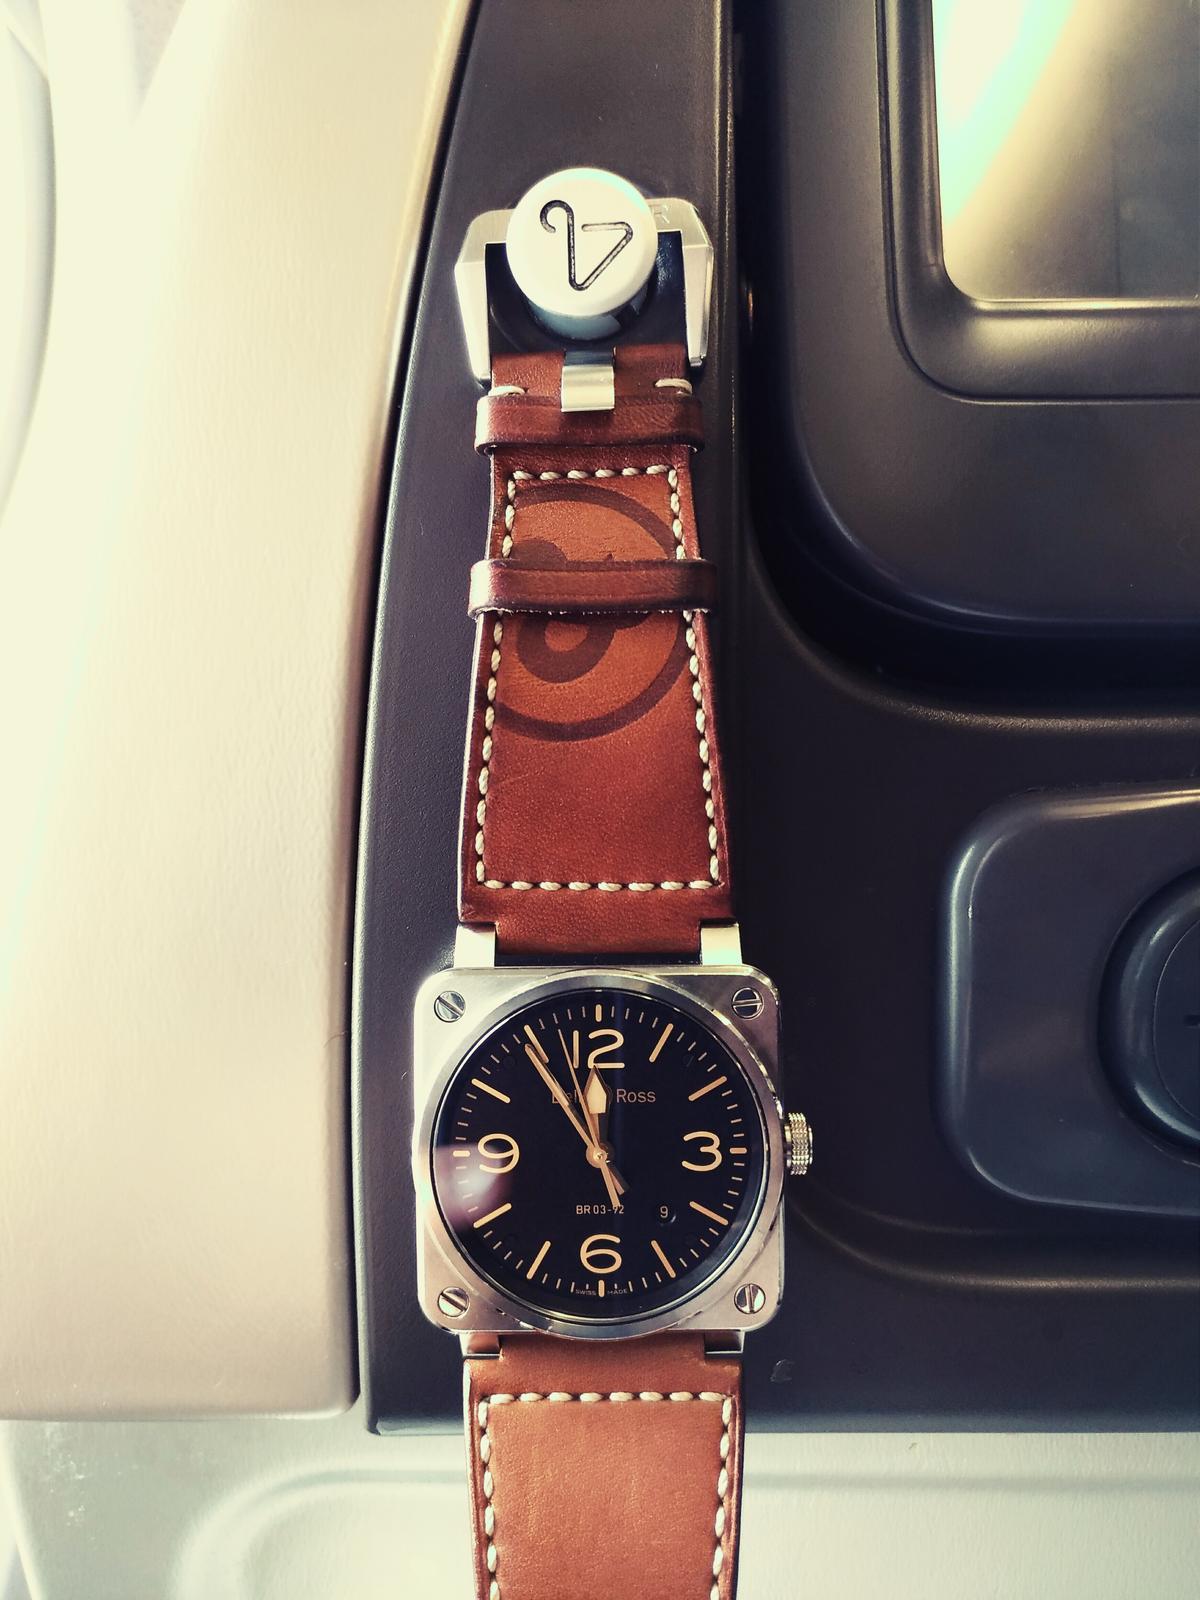 掛東西的掛勾竟然可以拿來掛「錶」!原來是BR 03 Golden Heritage的大尺寸針扣剛好可以掛上,於是乎原本的經濟艙就這麼巧合的變成「駕駛艙」了!